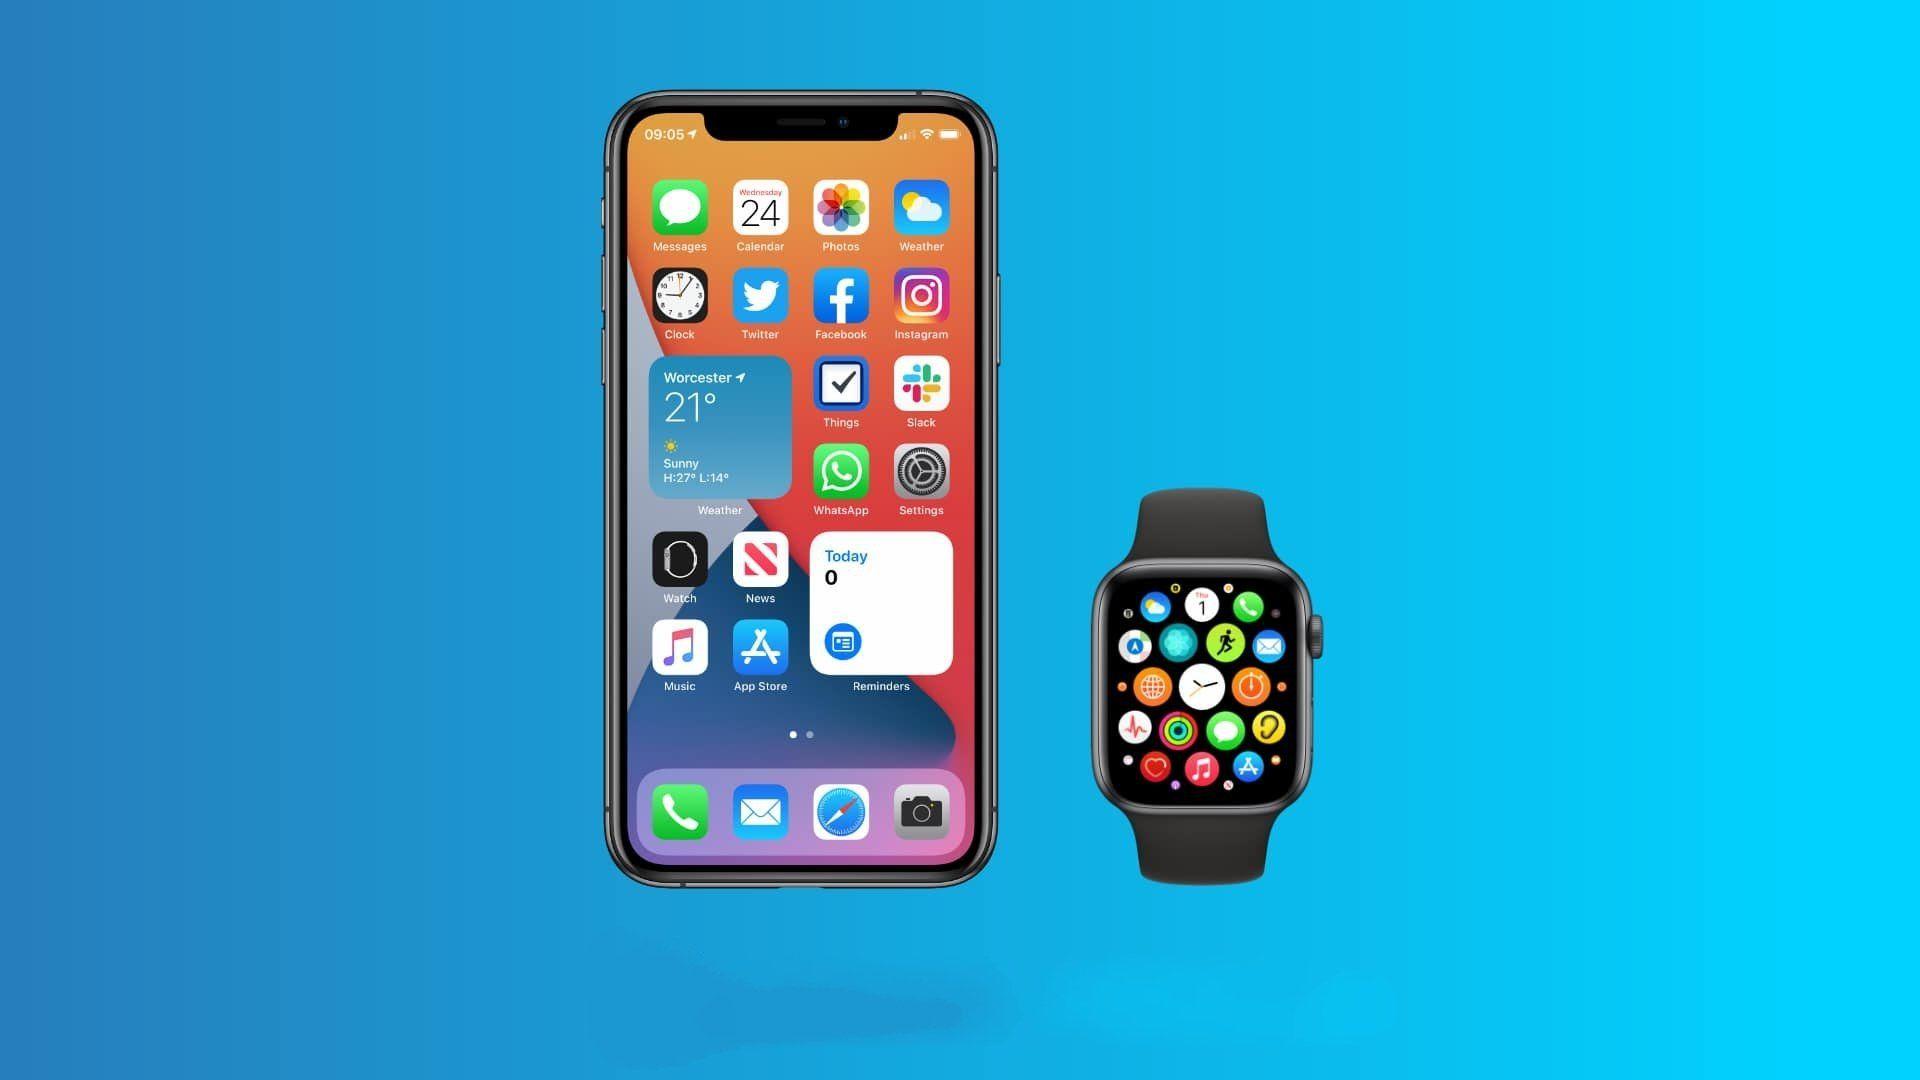 Aktualizację iOS i iPadOS 14.4.2, iOS 12.5.2 oraz watchOS 7.3.3